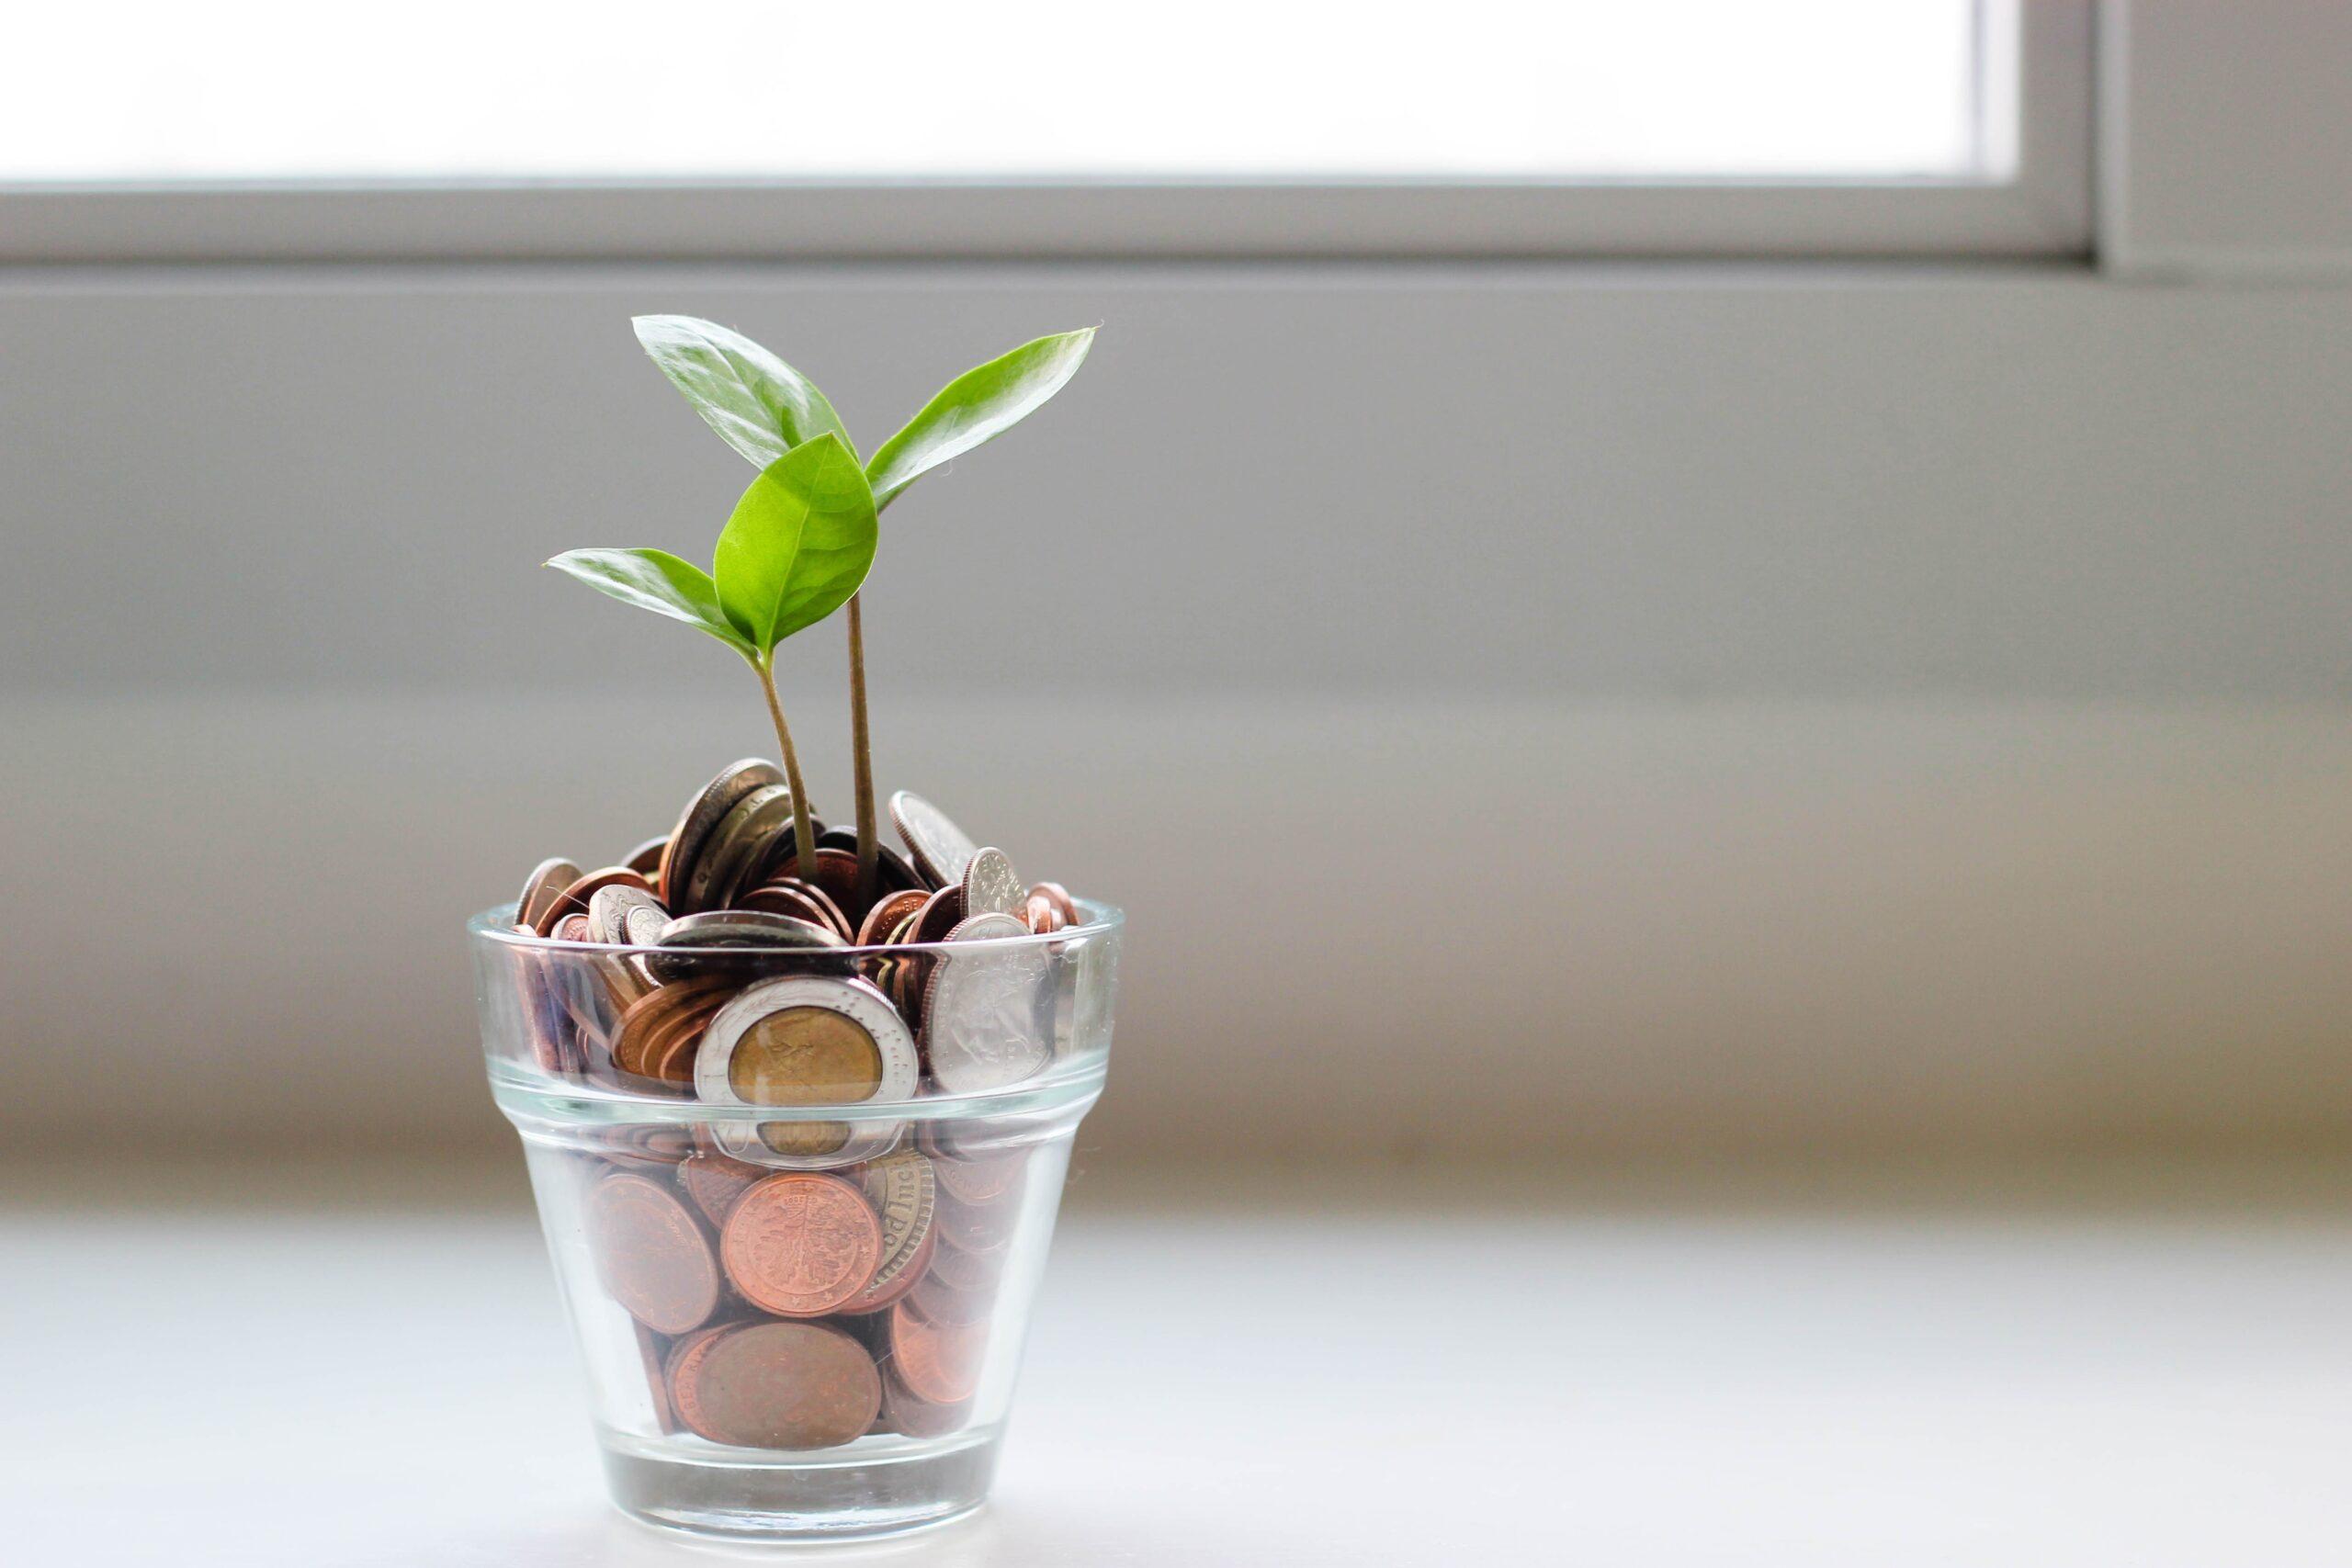 Przyjemność-praca-pieniądze – uzdrowienie relacji z pieniędzmi – 19-21 listopada